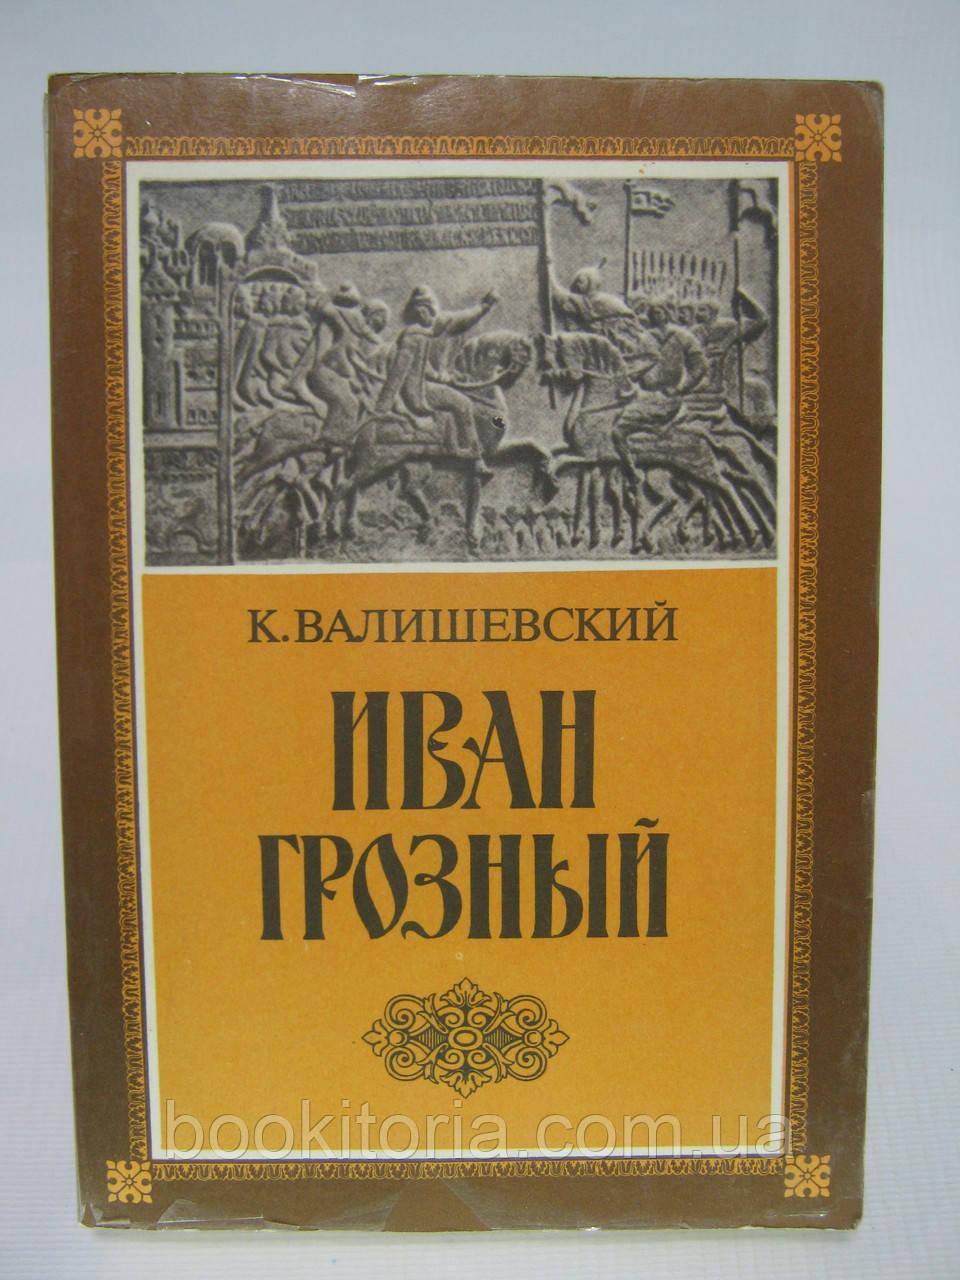 Валишевский К. Иван Грозный (б/у).